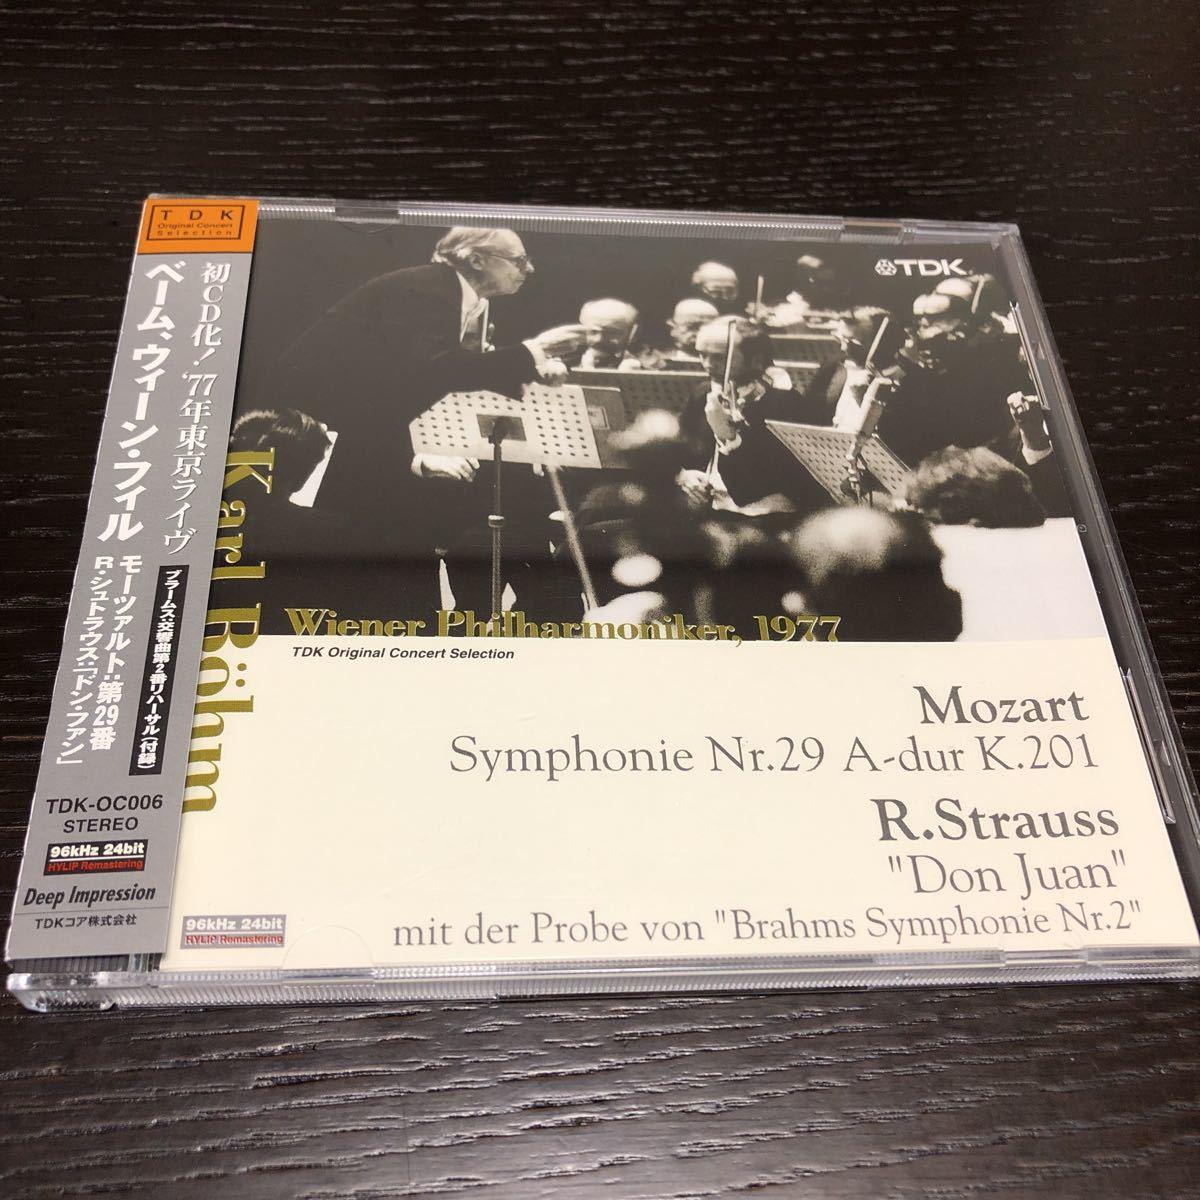 ベーム/ウィーン・フィル モーツァルト 交響曲第29番、R・シュトラウス ドン・ファン_画像1